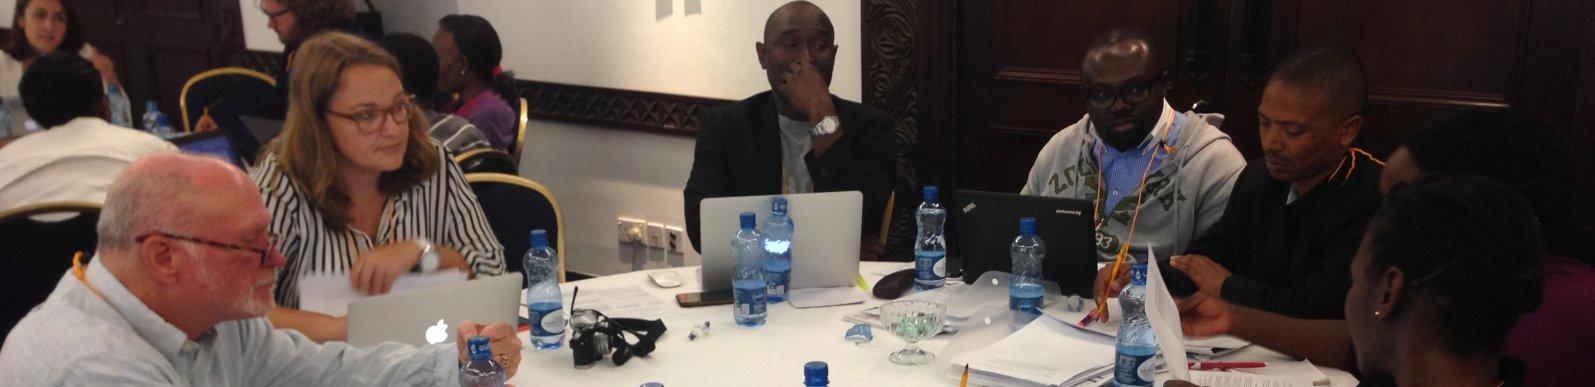 East African Consultation, Nairobi, September 2016